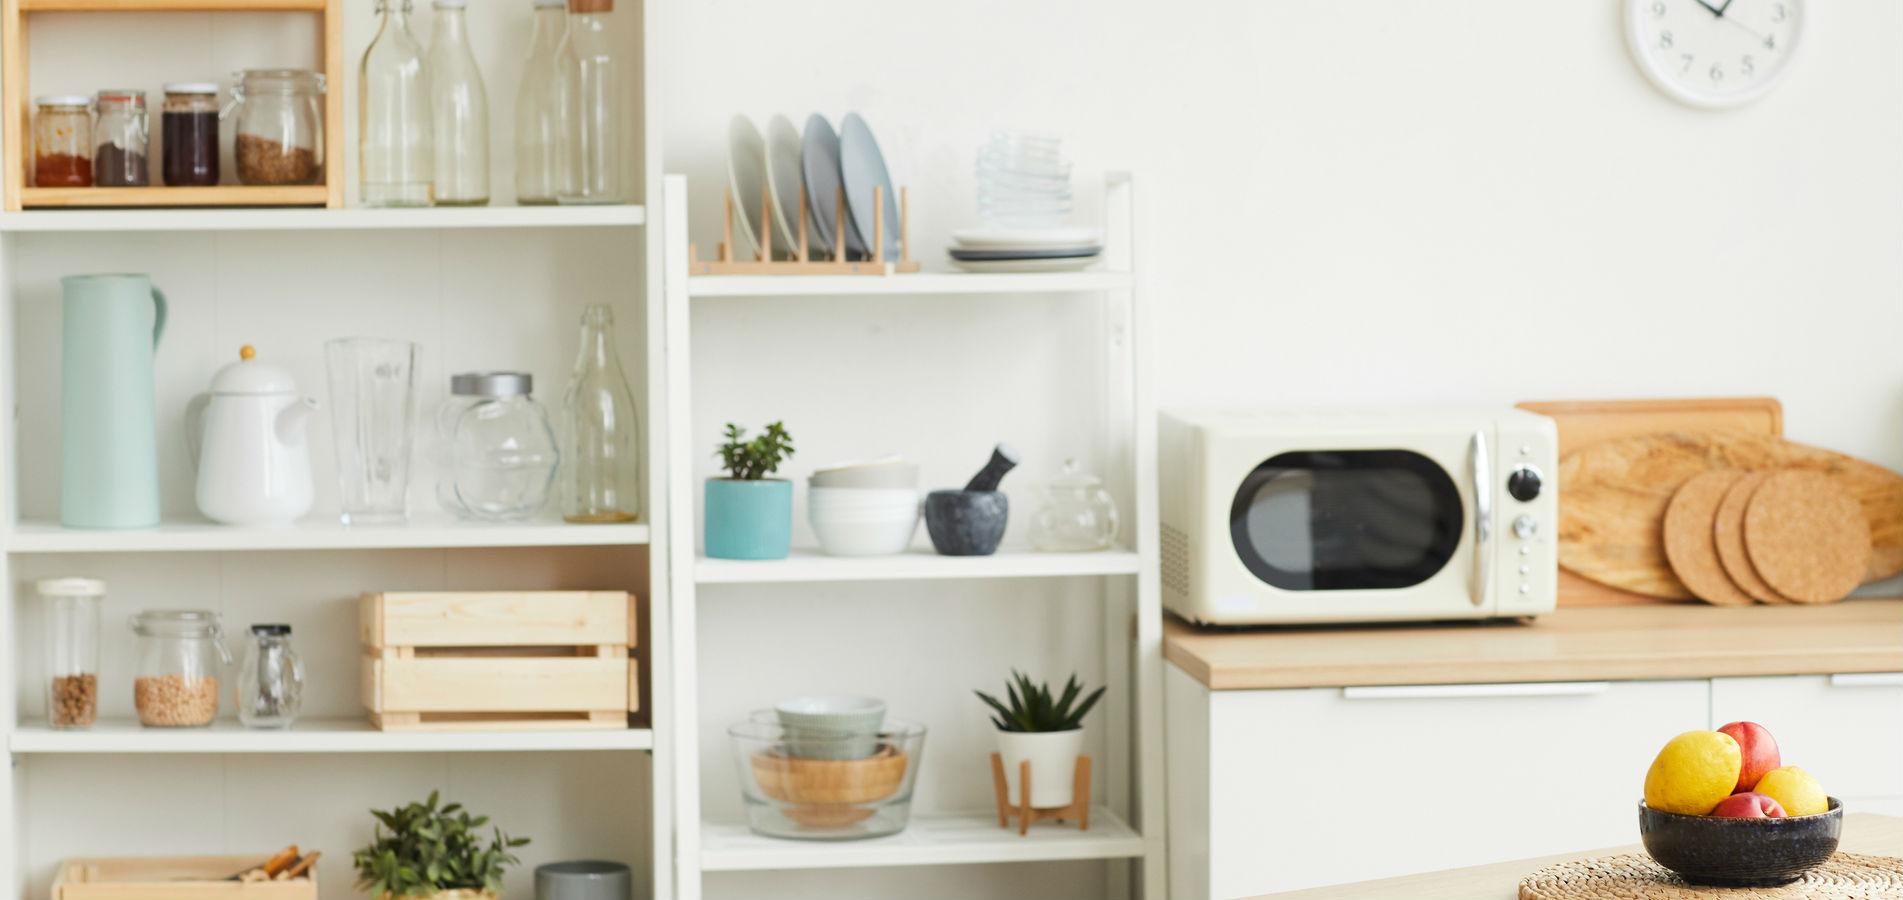 Ordenar tu cocina con estantería metálica